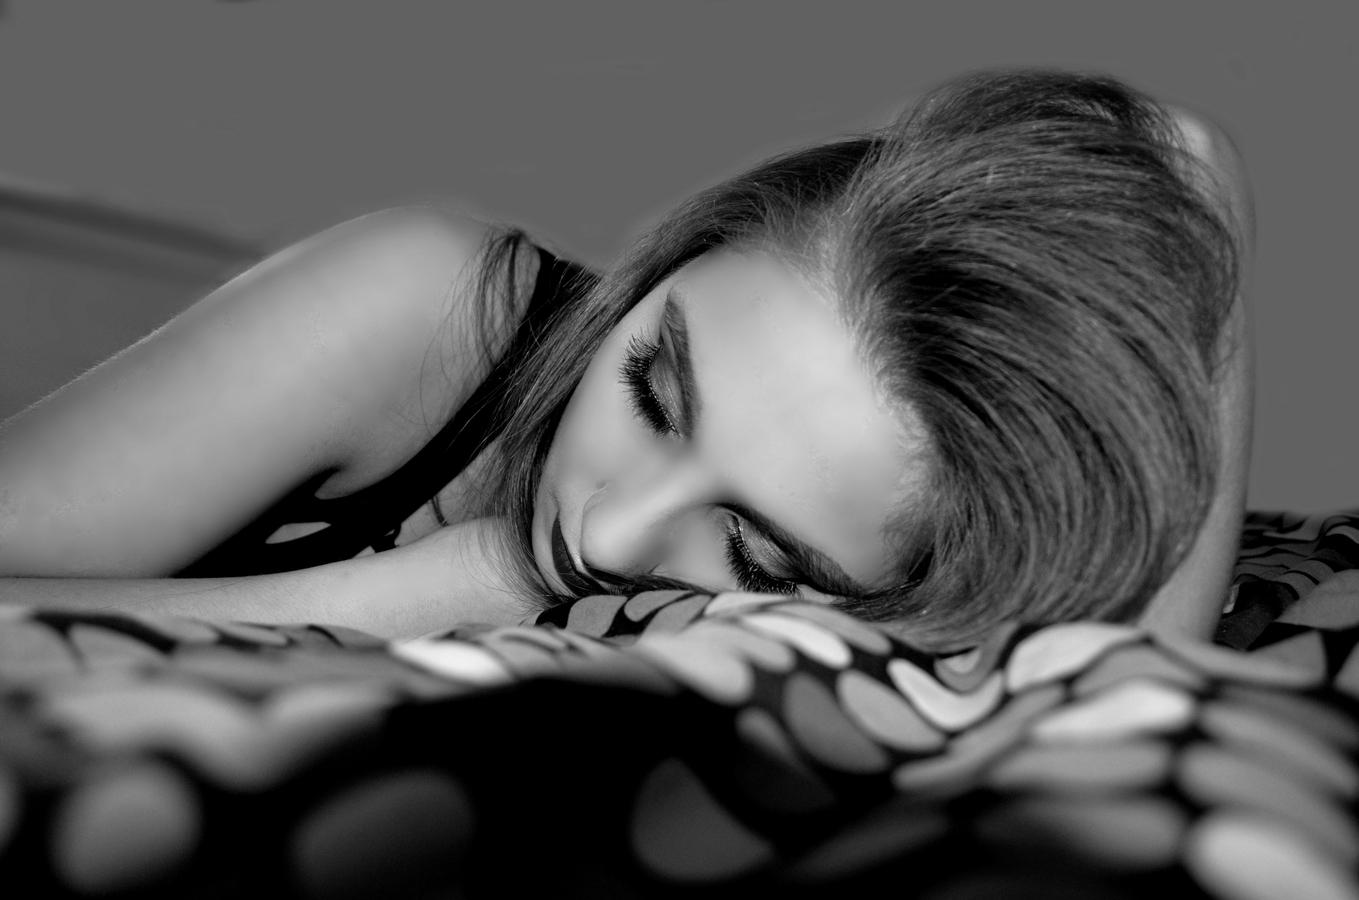 Existují dva druhy únavy. Jeden je naléhavá potřeba spánku a druhý je naléhavá potřeba vnitřního klidu.